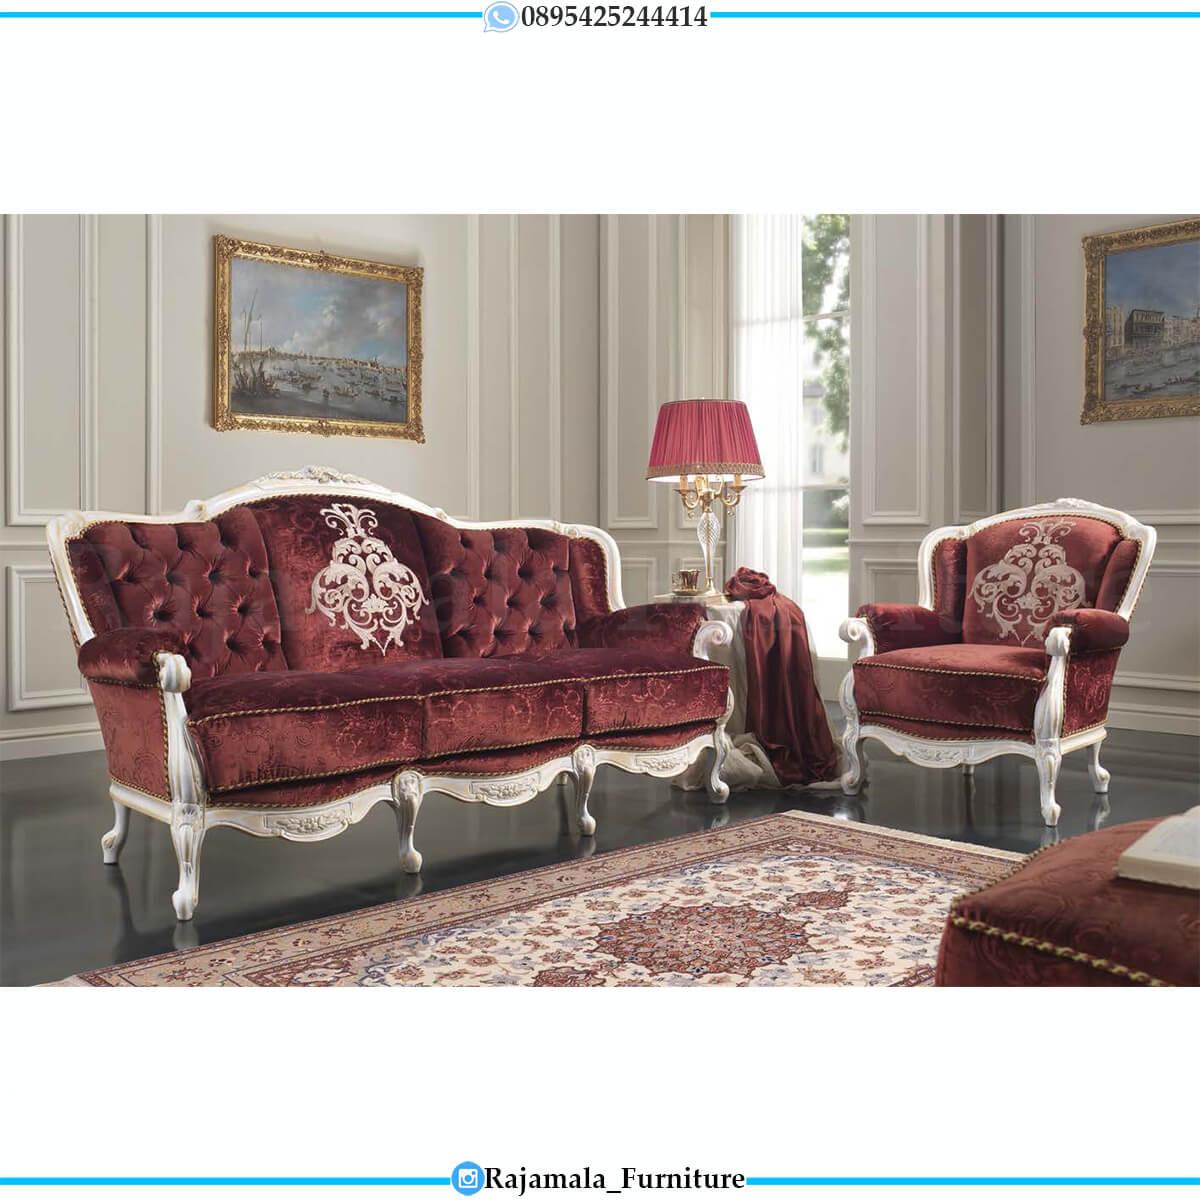 Sofa Mewah Terbaru Luxury Red Velvet Beludru Color Fabric RM-0744